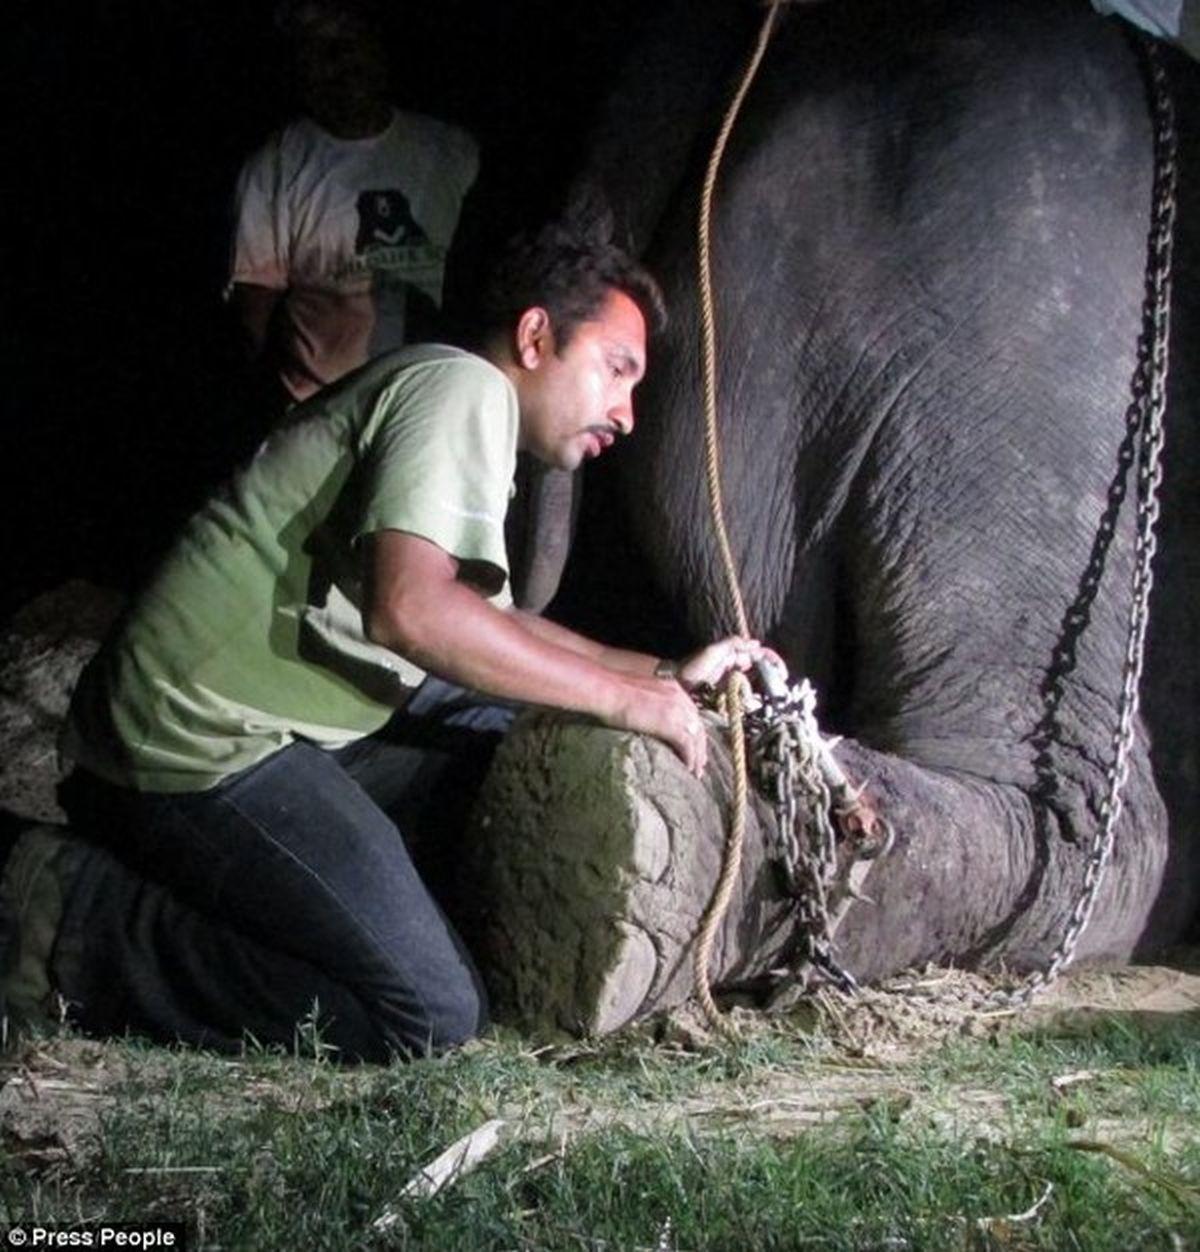 Ngày qua ngày, những cái gai sắt nhọn càng ghim sâu vào da thịt Raju, khi mọi người cố gắng tháo bỏ gông xiềng ra thì những vết thương dù đã lâu năm vẫn liên tục rỉ máu